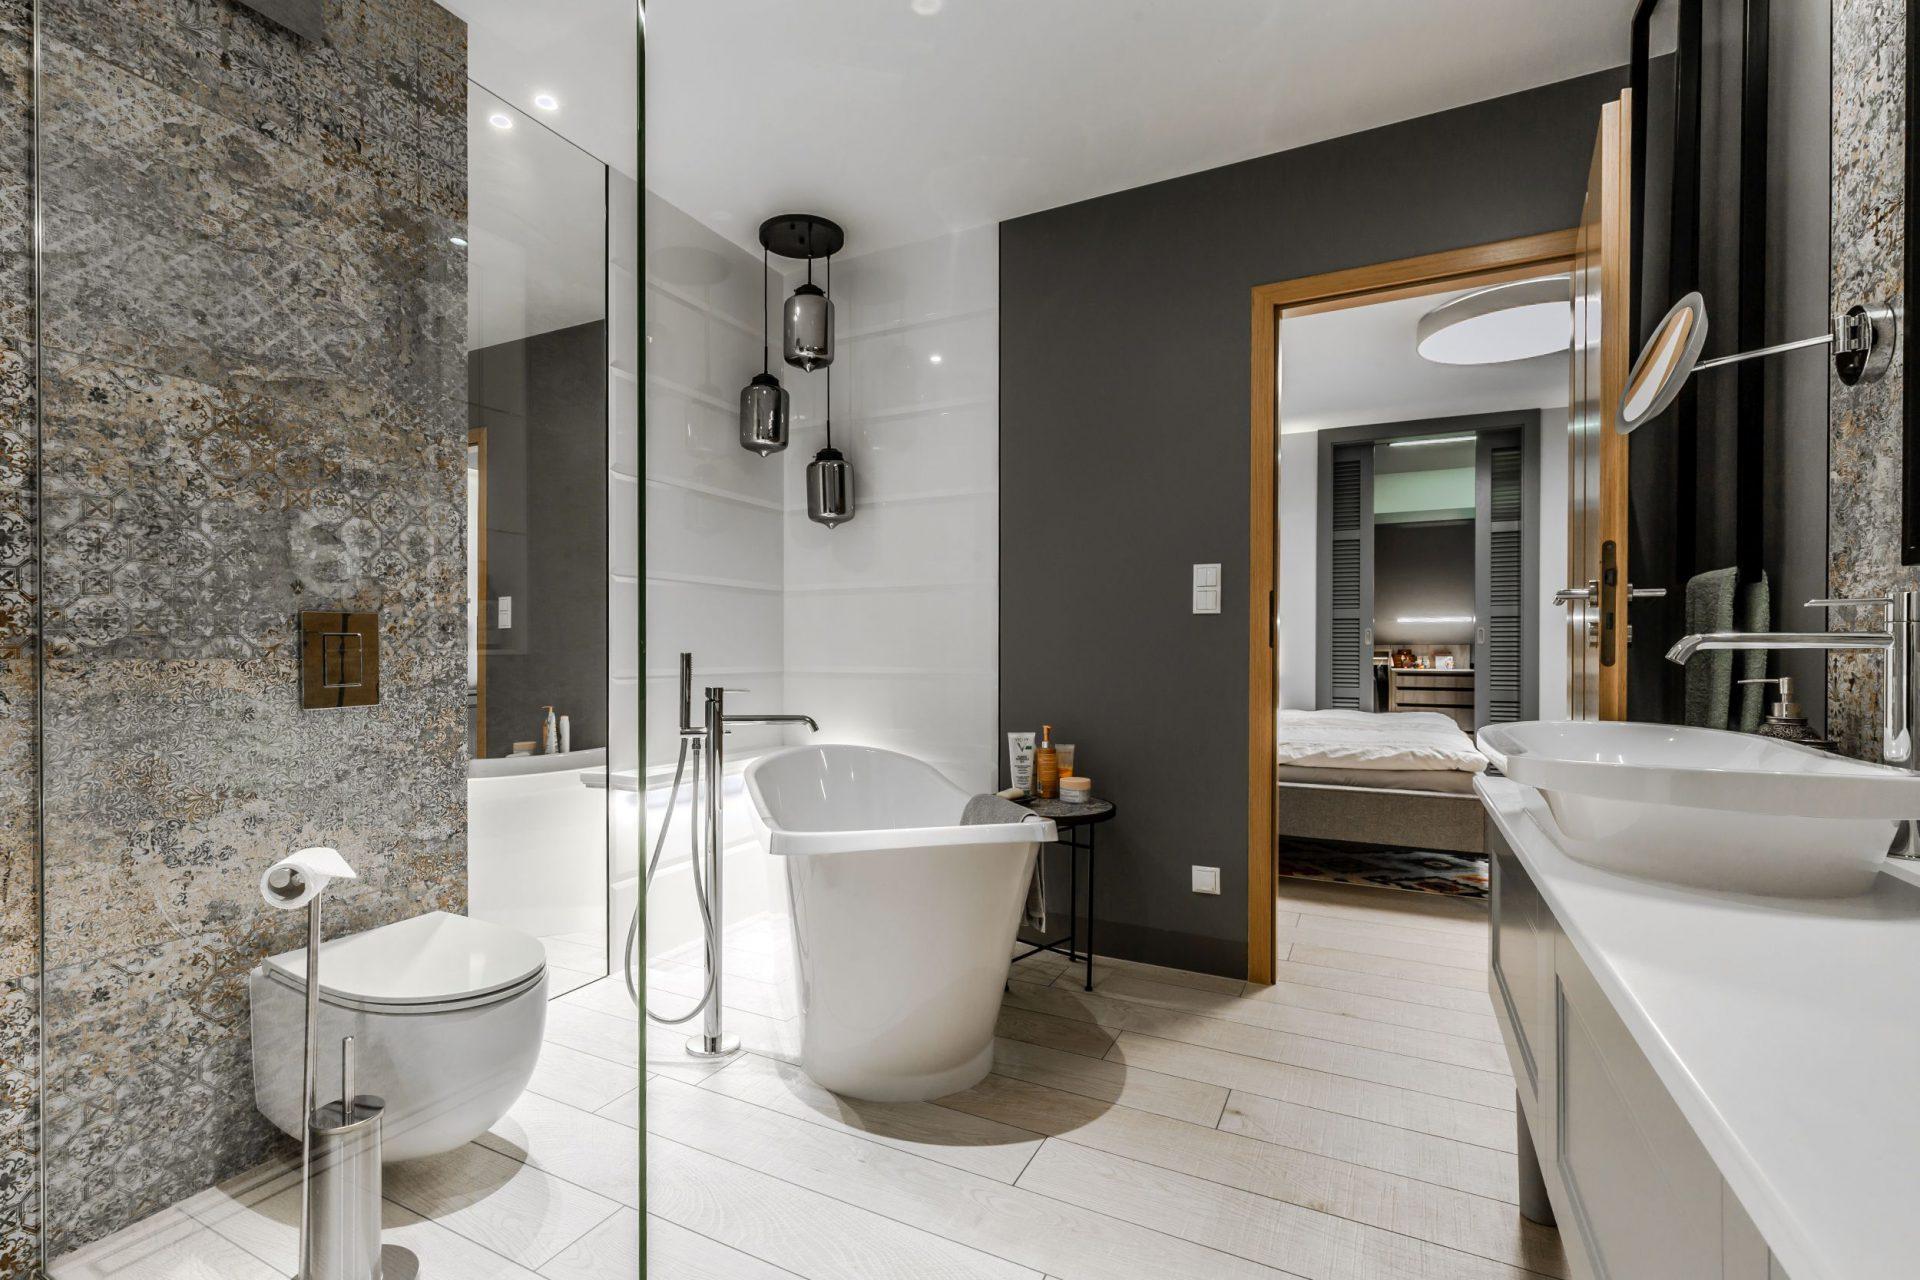 Projekty wnętrz - łazienka